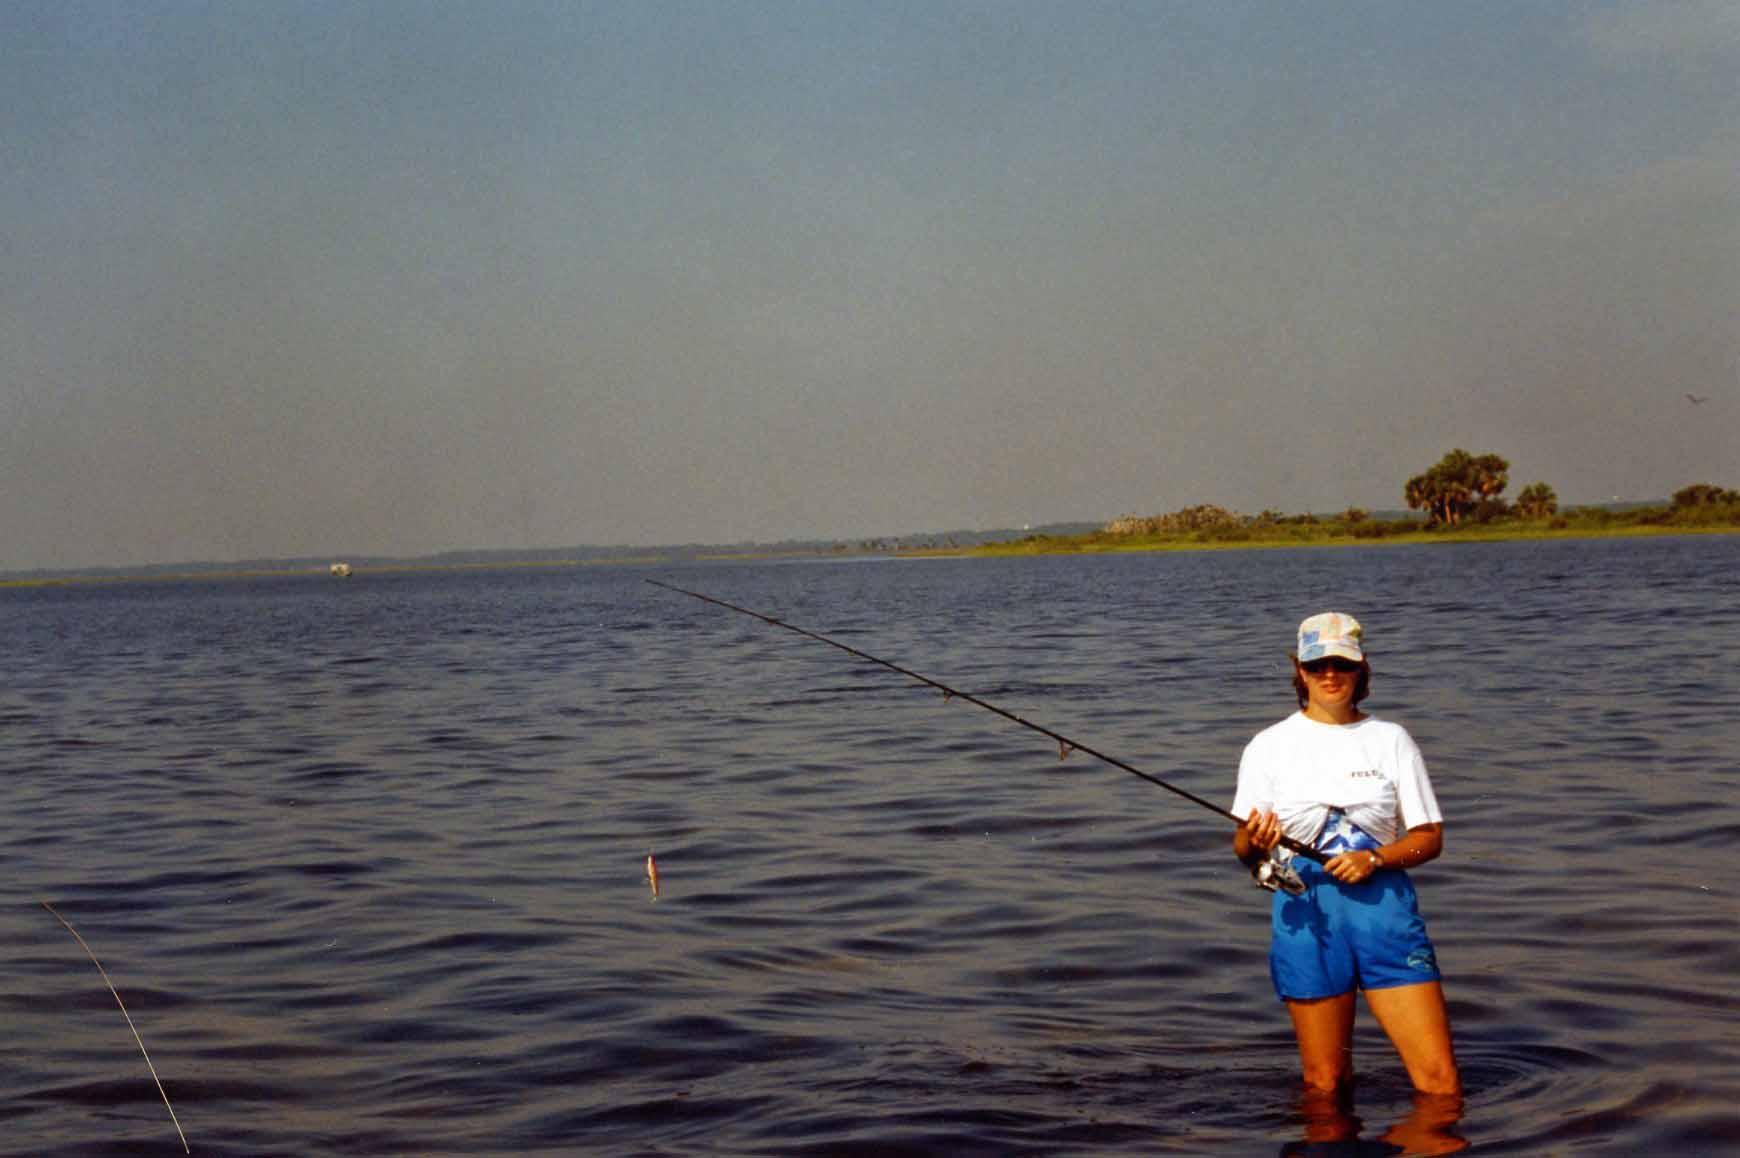 Lynn, oyster bar fishing off Shell Point, FL